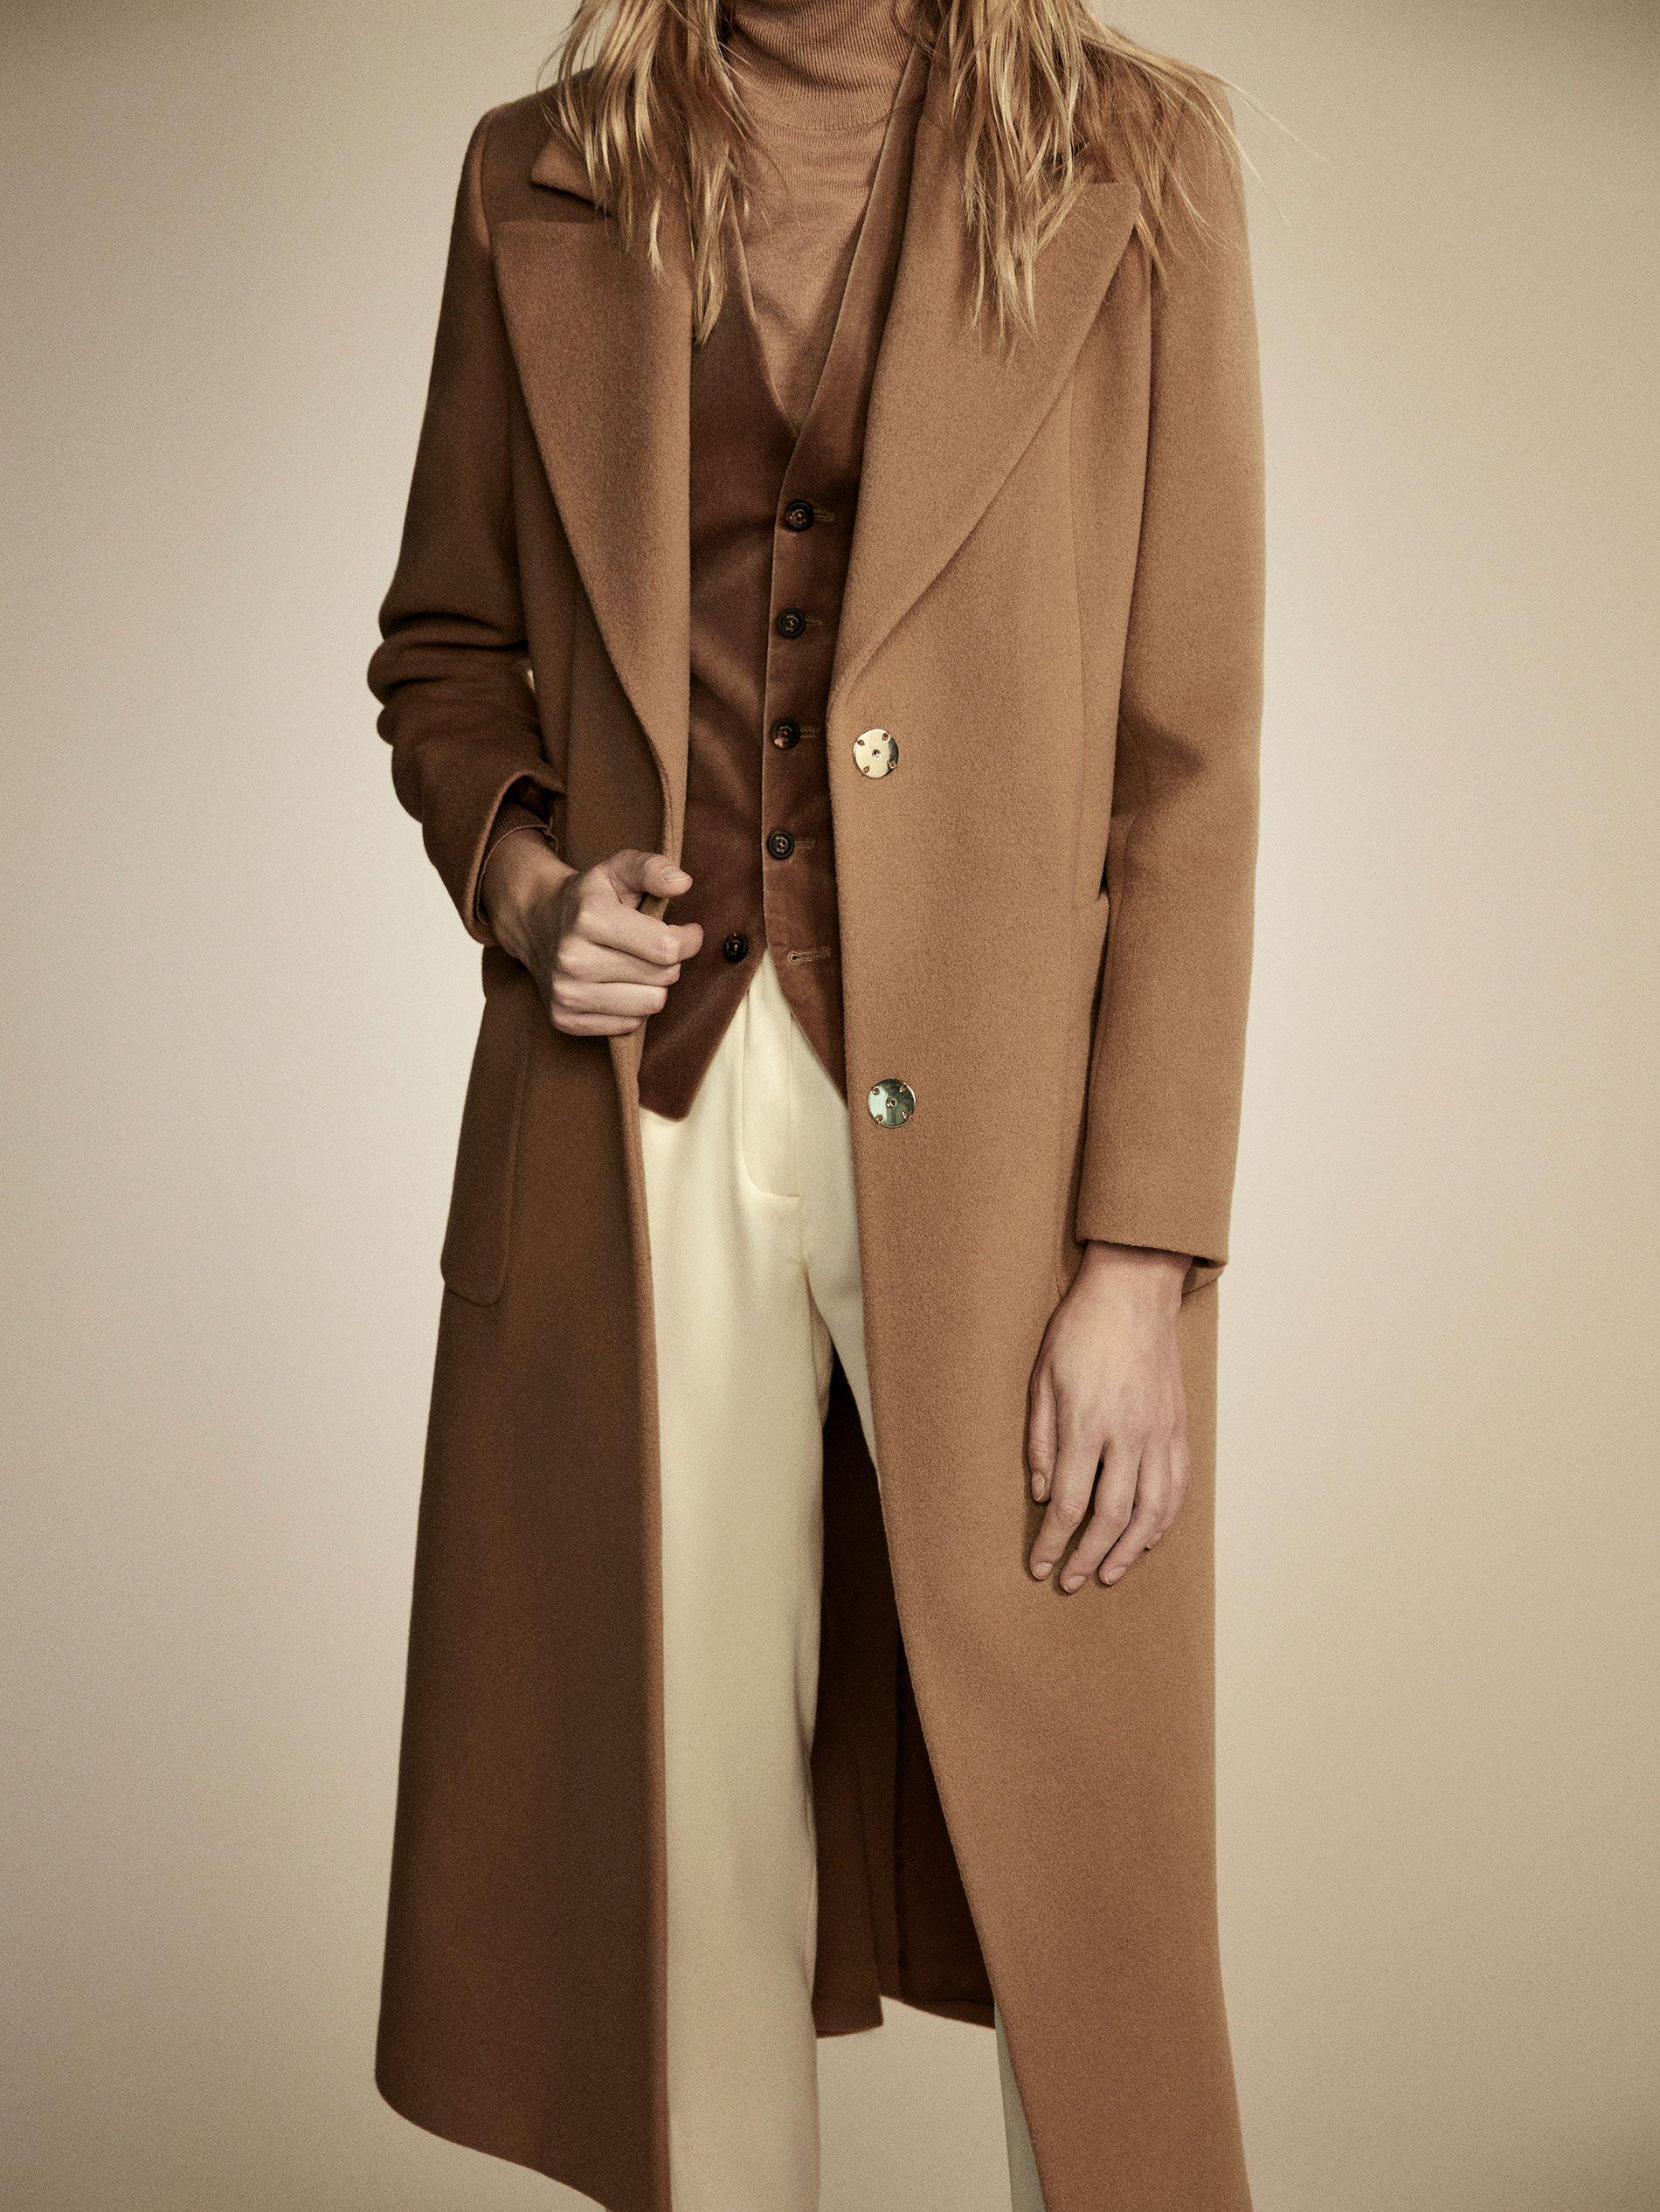 Manteau femme tres chic